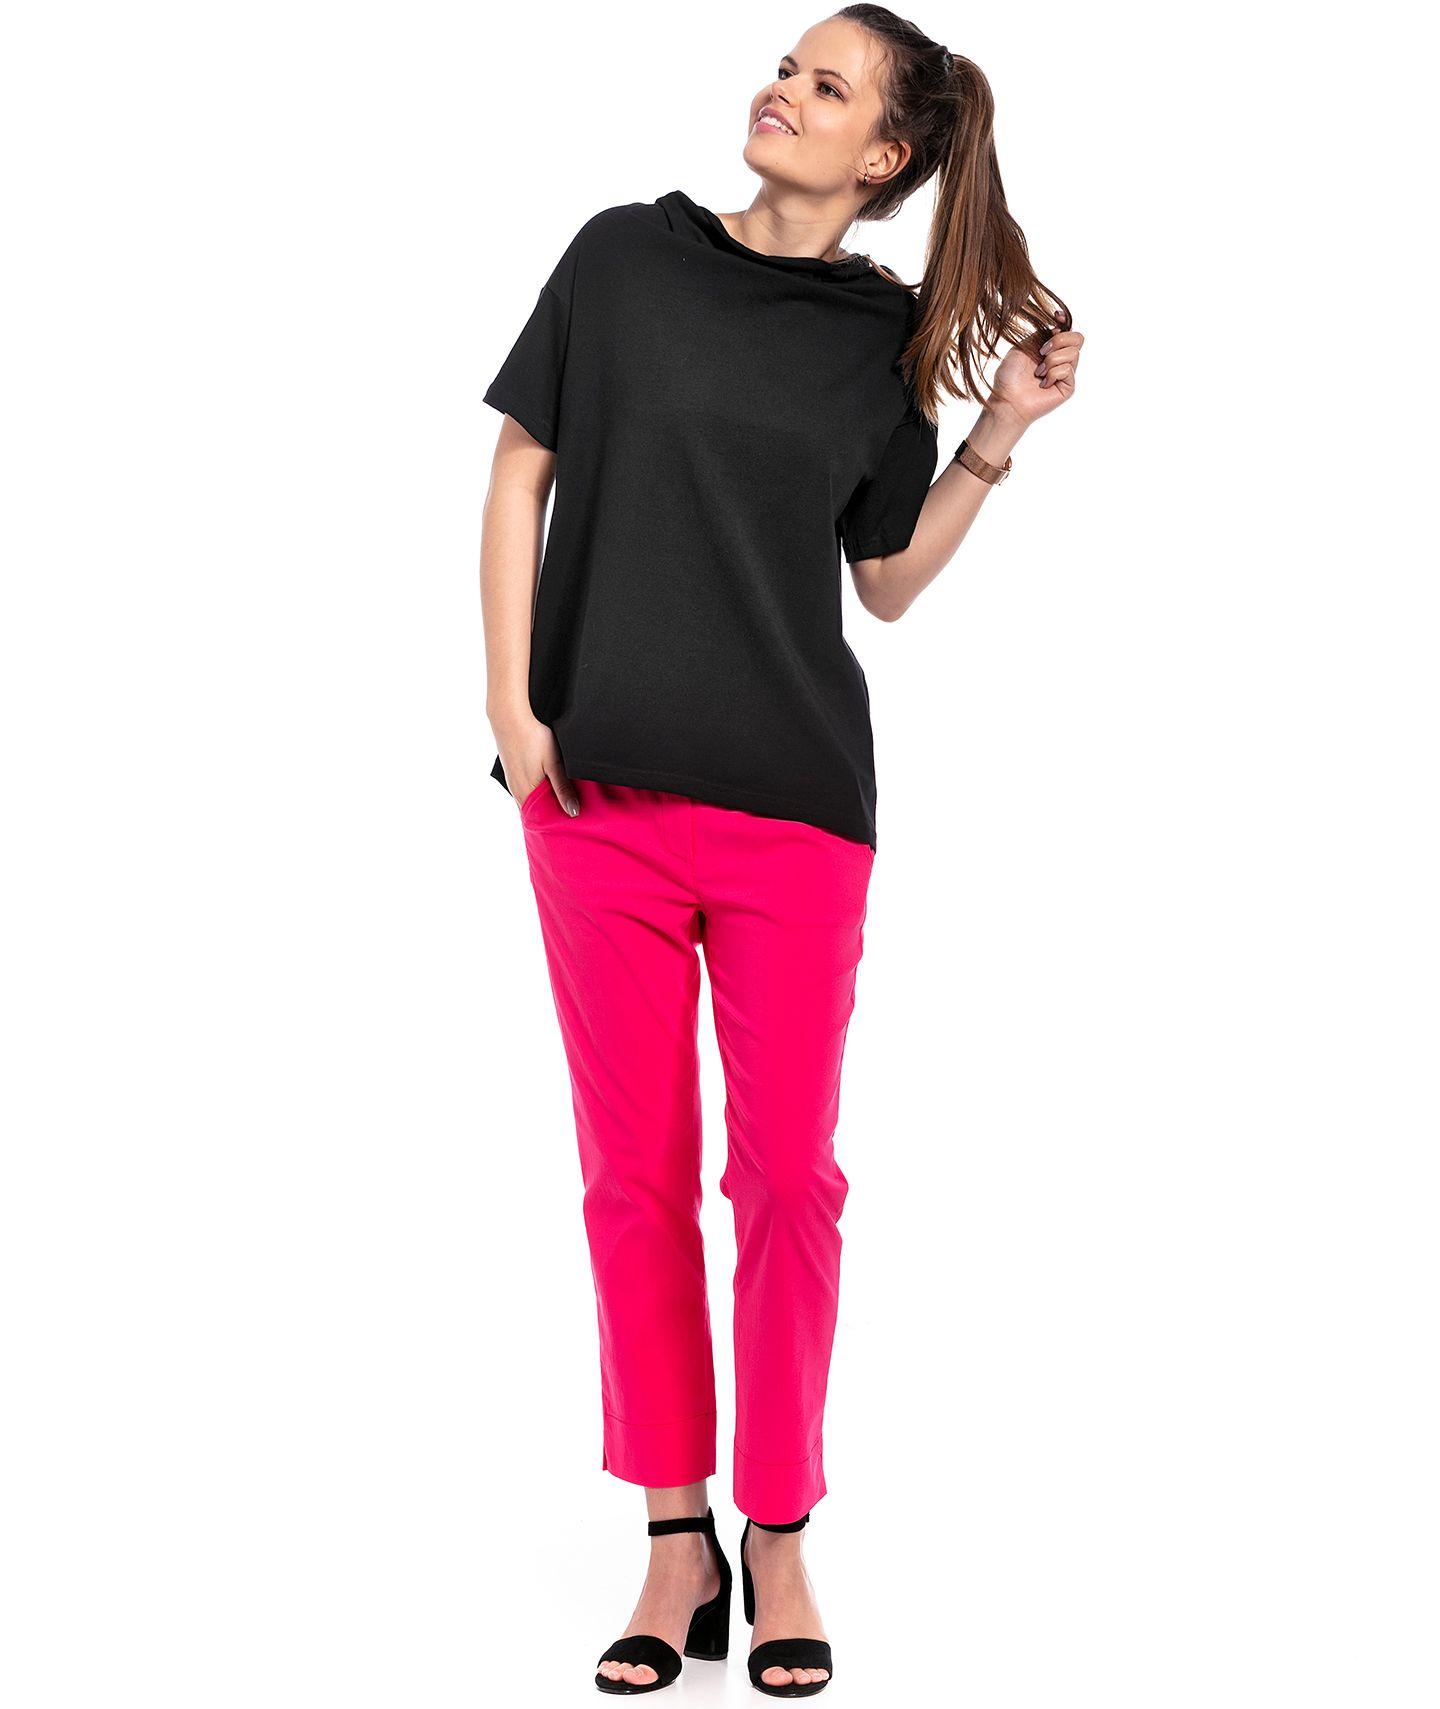 bluzka CHO blouse